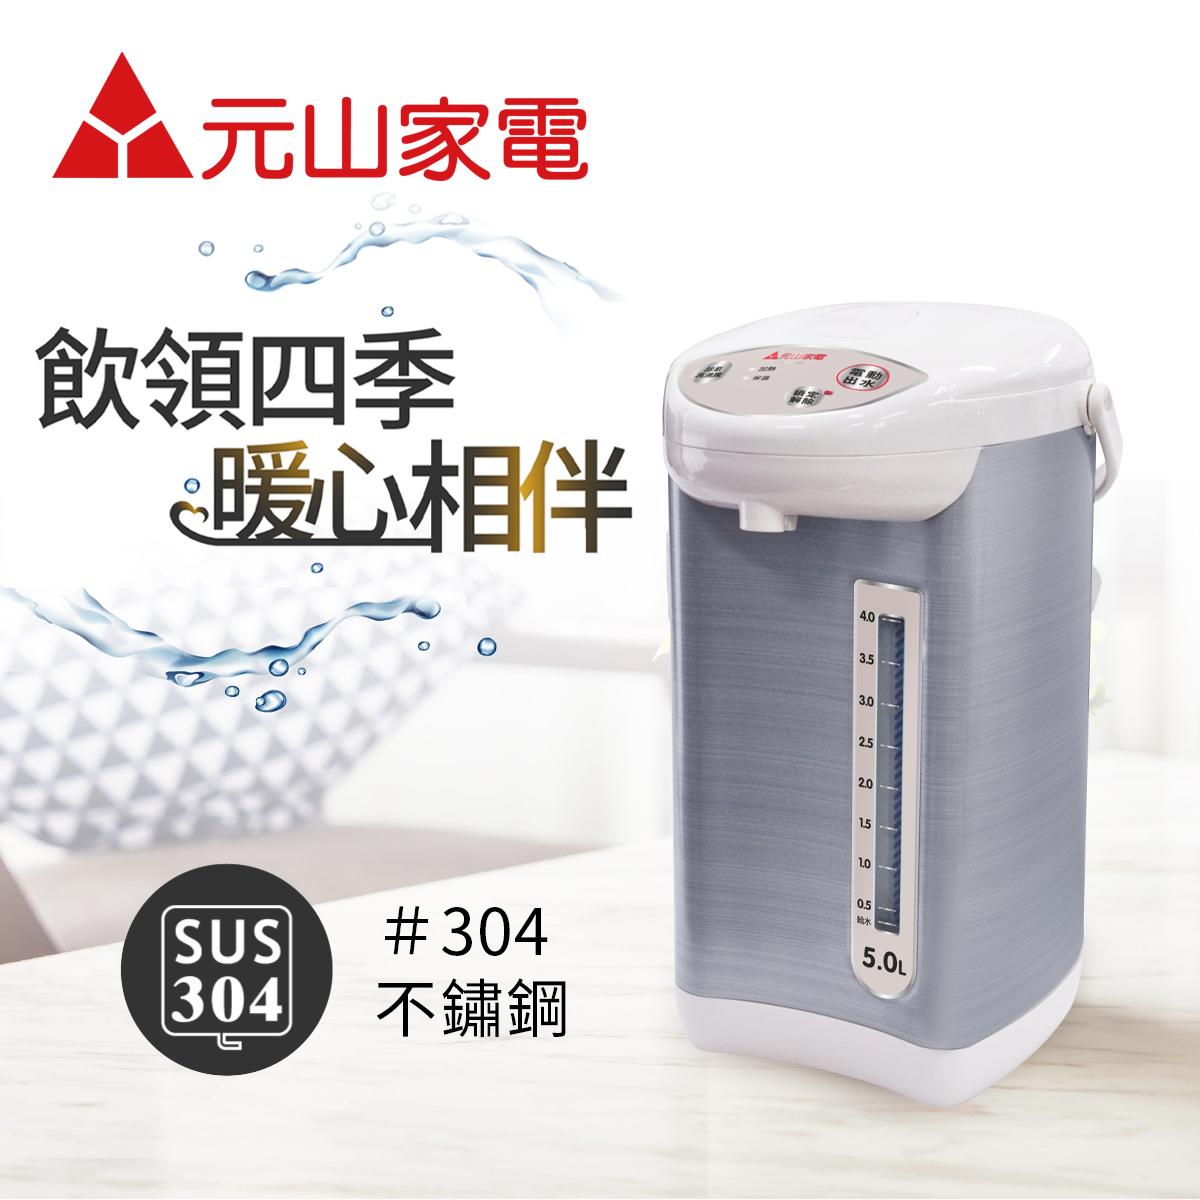 元山 5L 微電腦熱水瓶